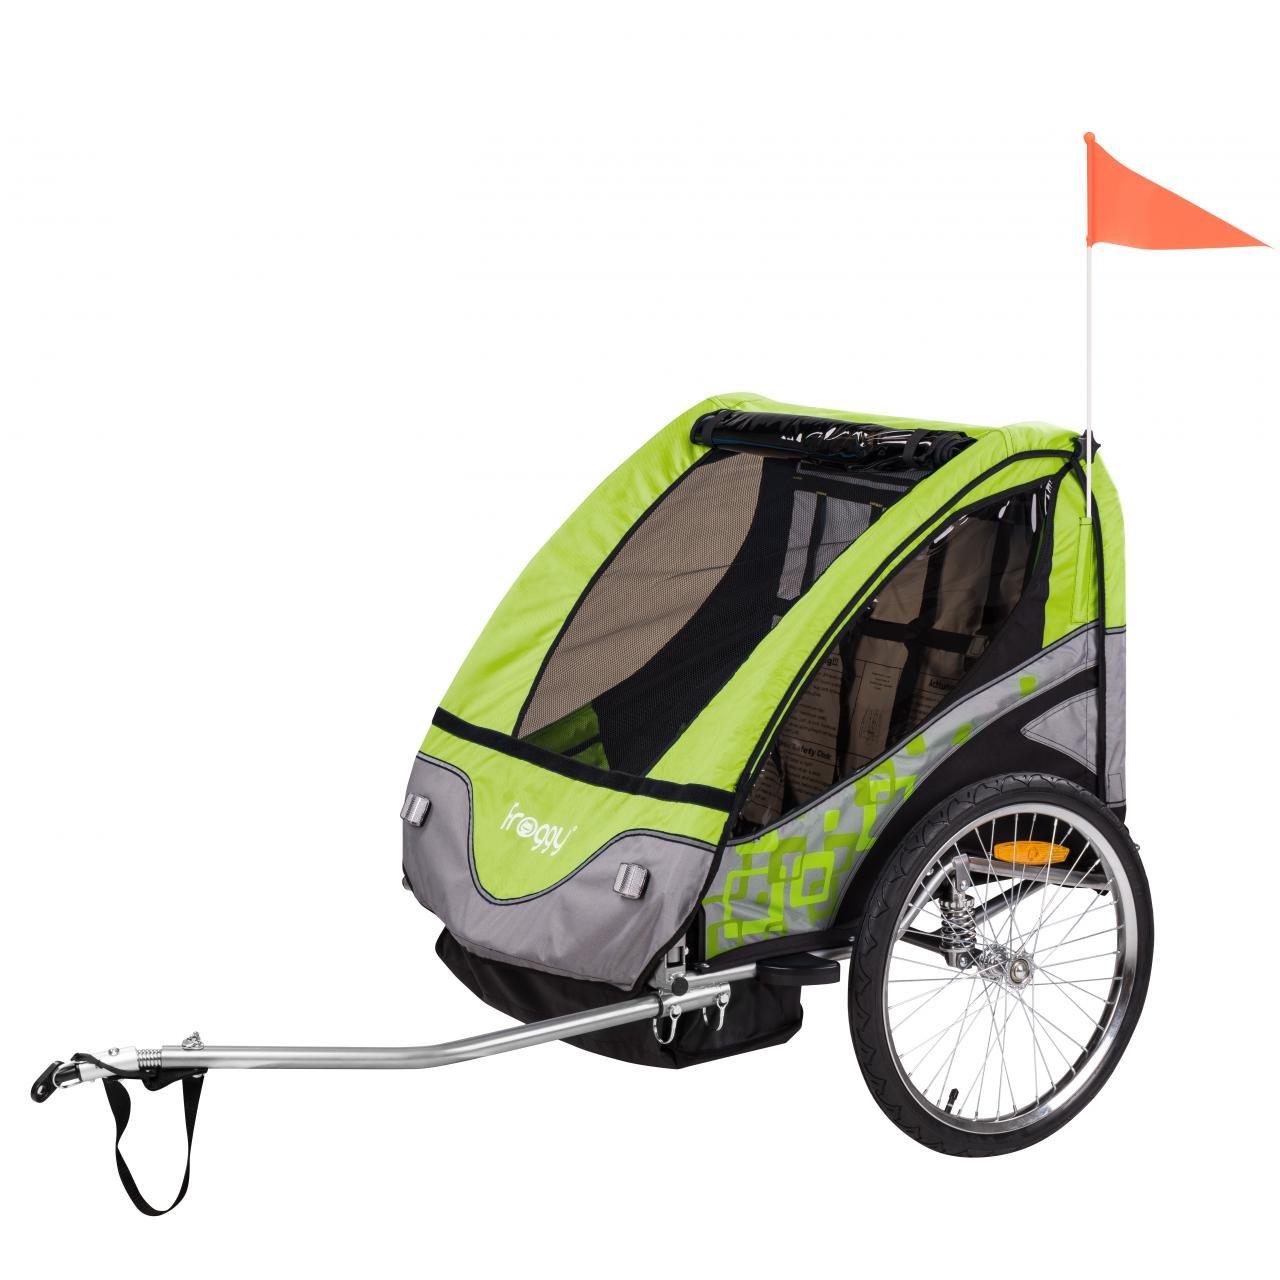 FROGGY Kinder Fahrradanhänger mit Federung + 5-Punkt Sicherheitsgurt, Anhänger für 1 bis 2 Kinder, Design Apple